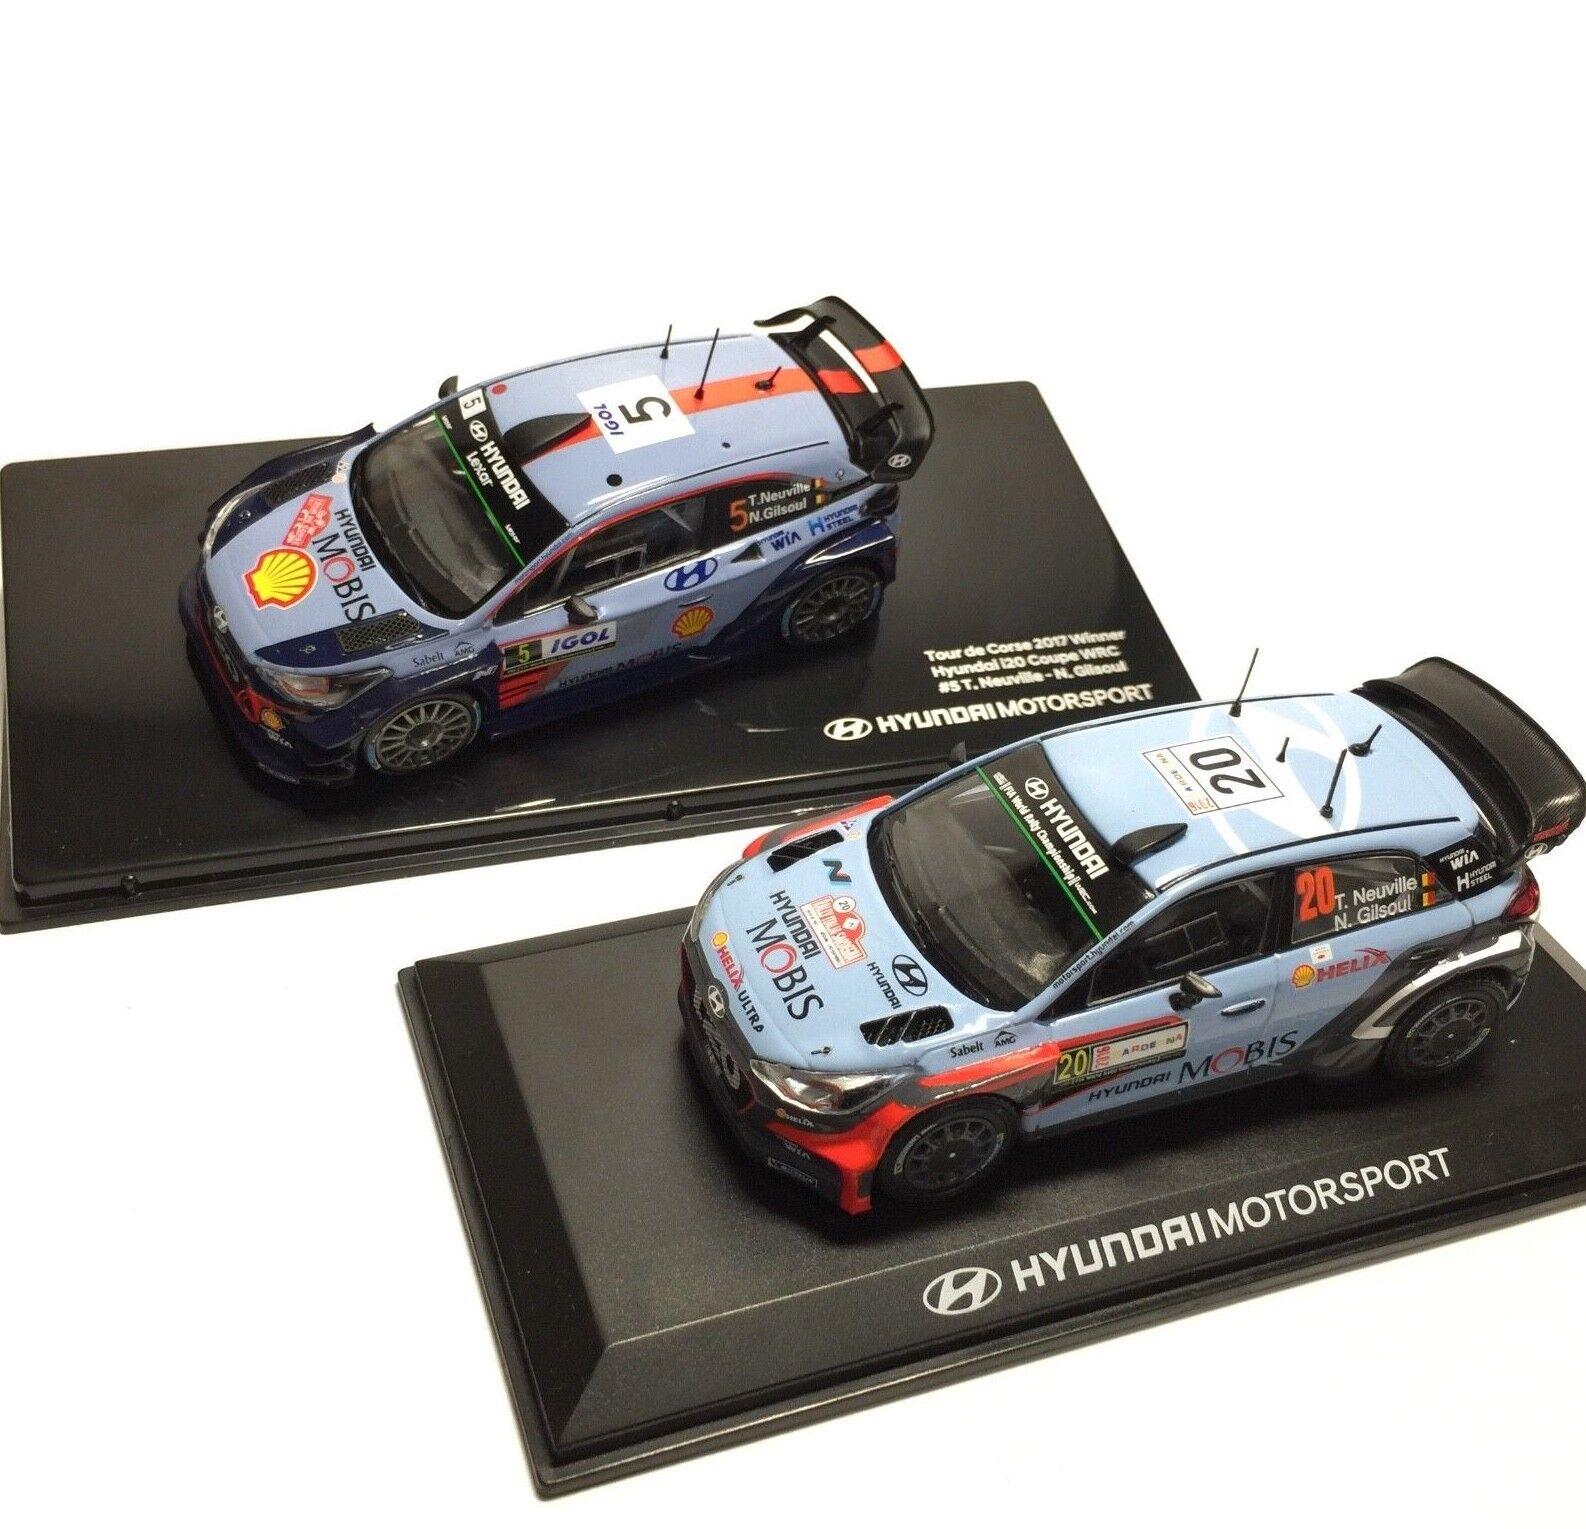 Hyundai i20 Coupe WRC 1 43 rally ganador 2016 1ea, 2017 1ea-Thierry Neuville